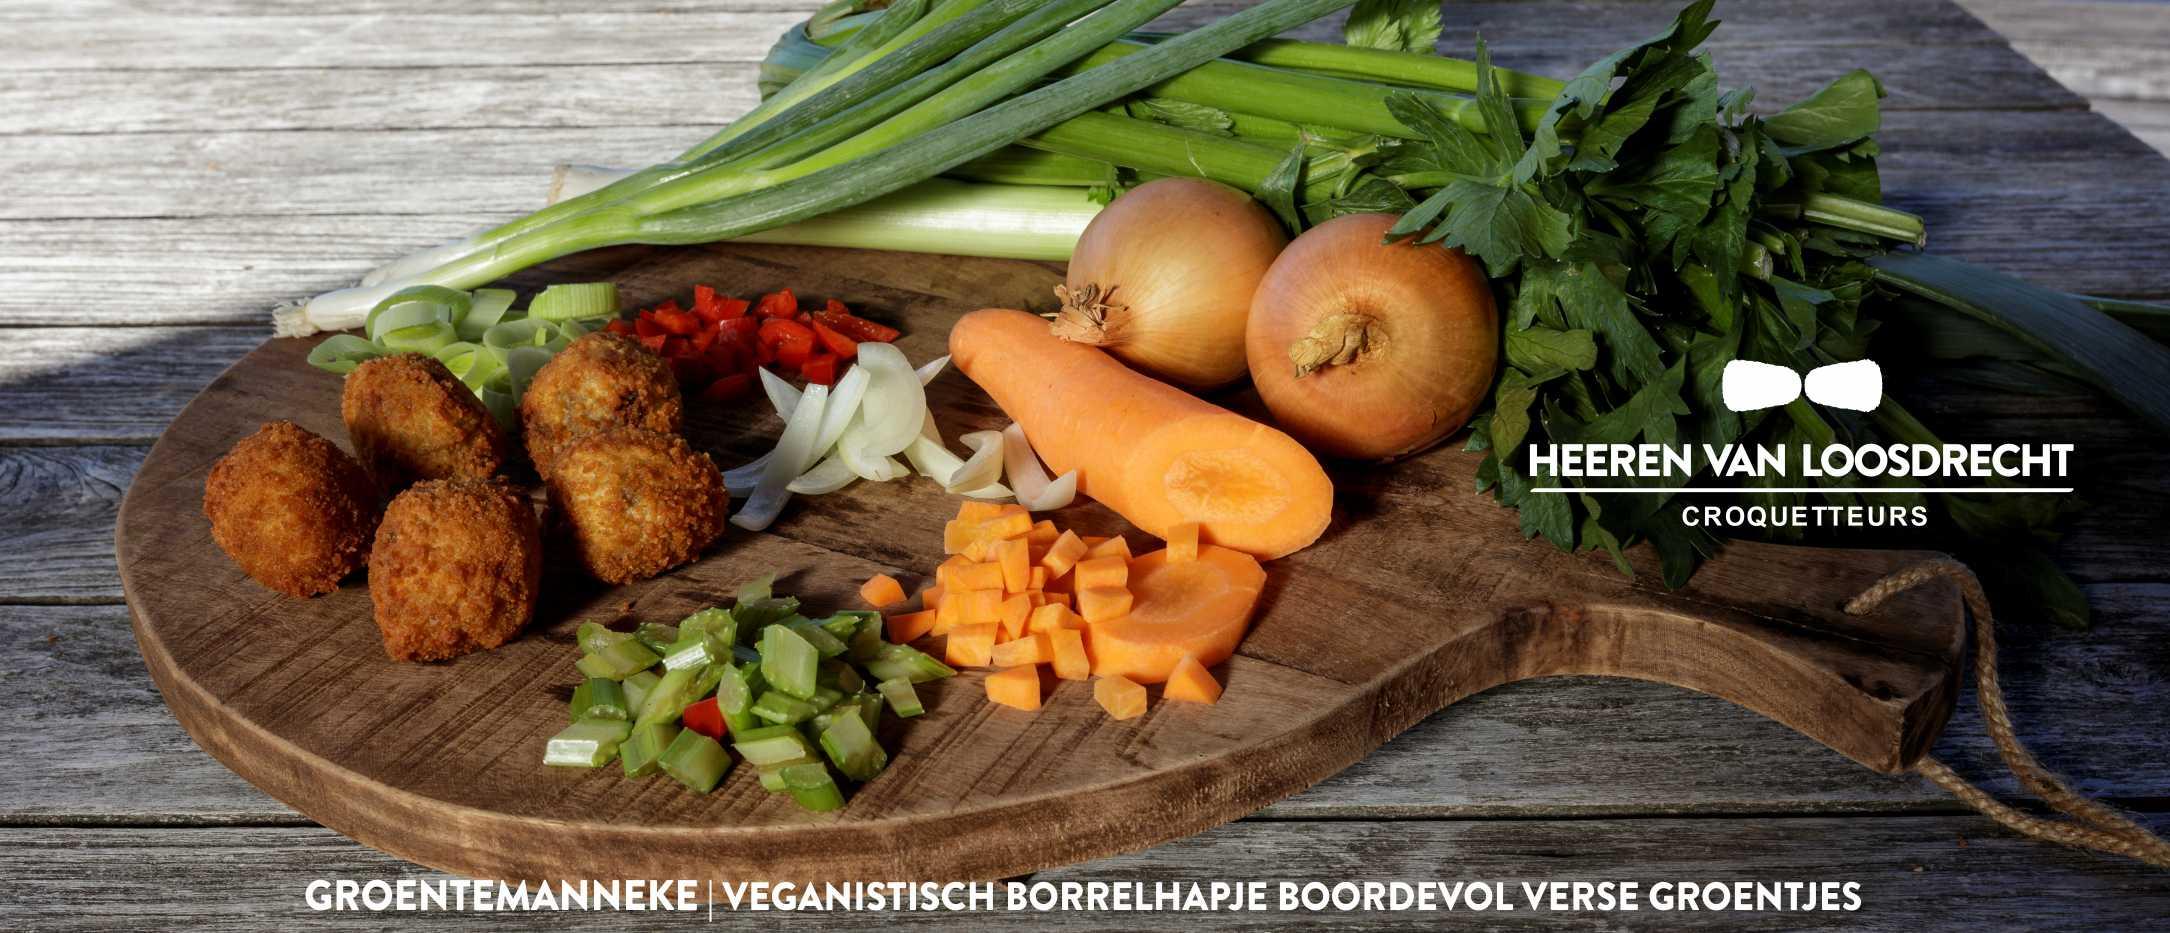 Heeren van Loosdrecht - Groentemanneke